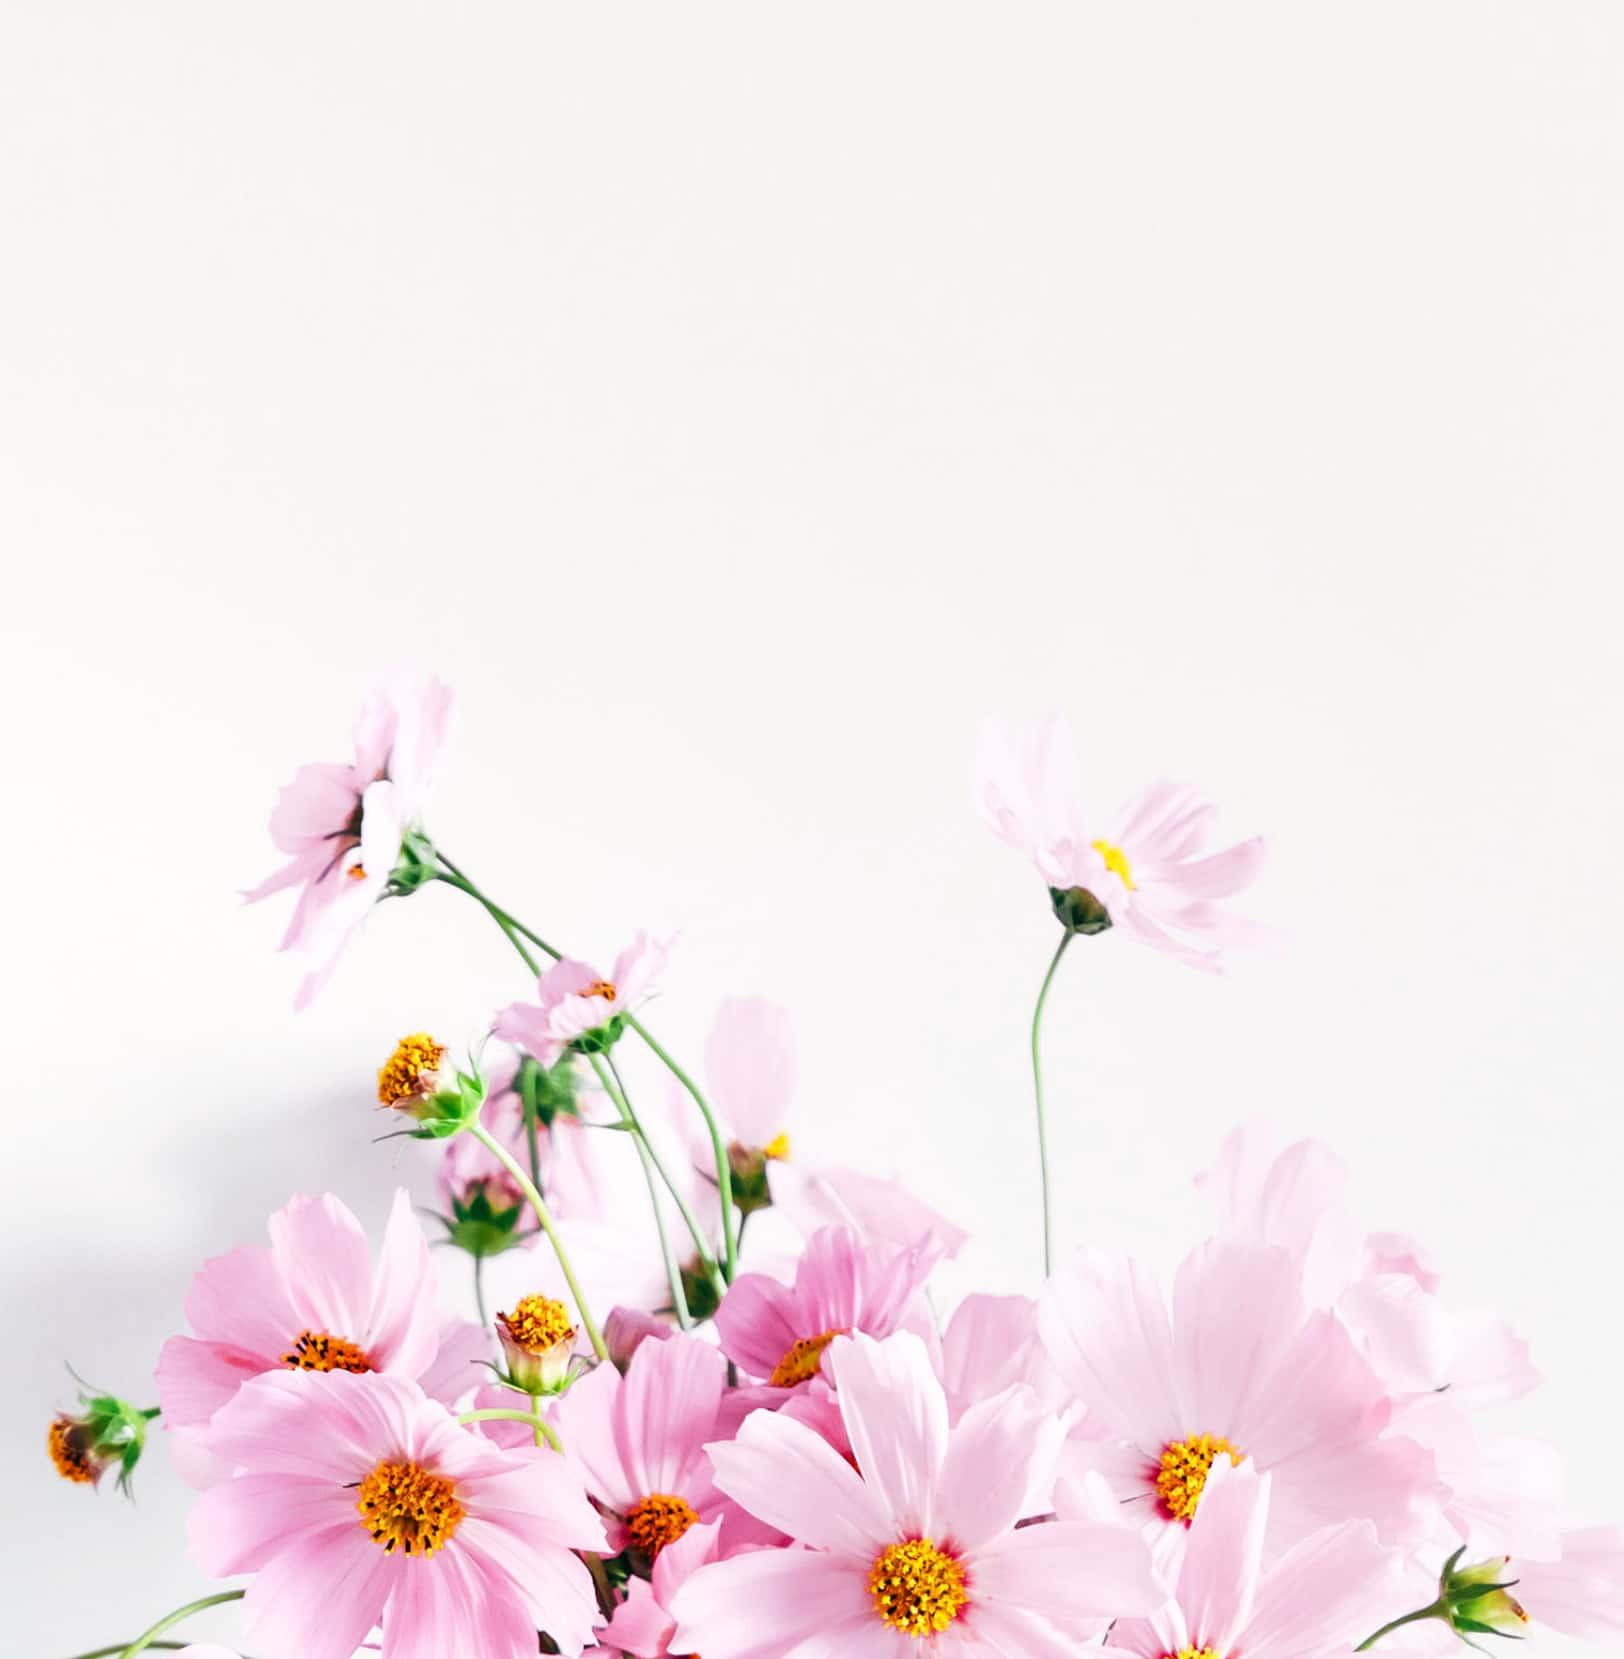 Arrangement of pink flowers.